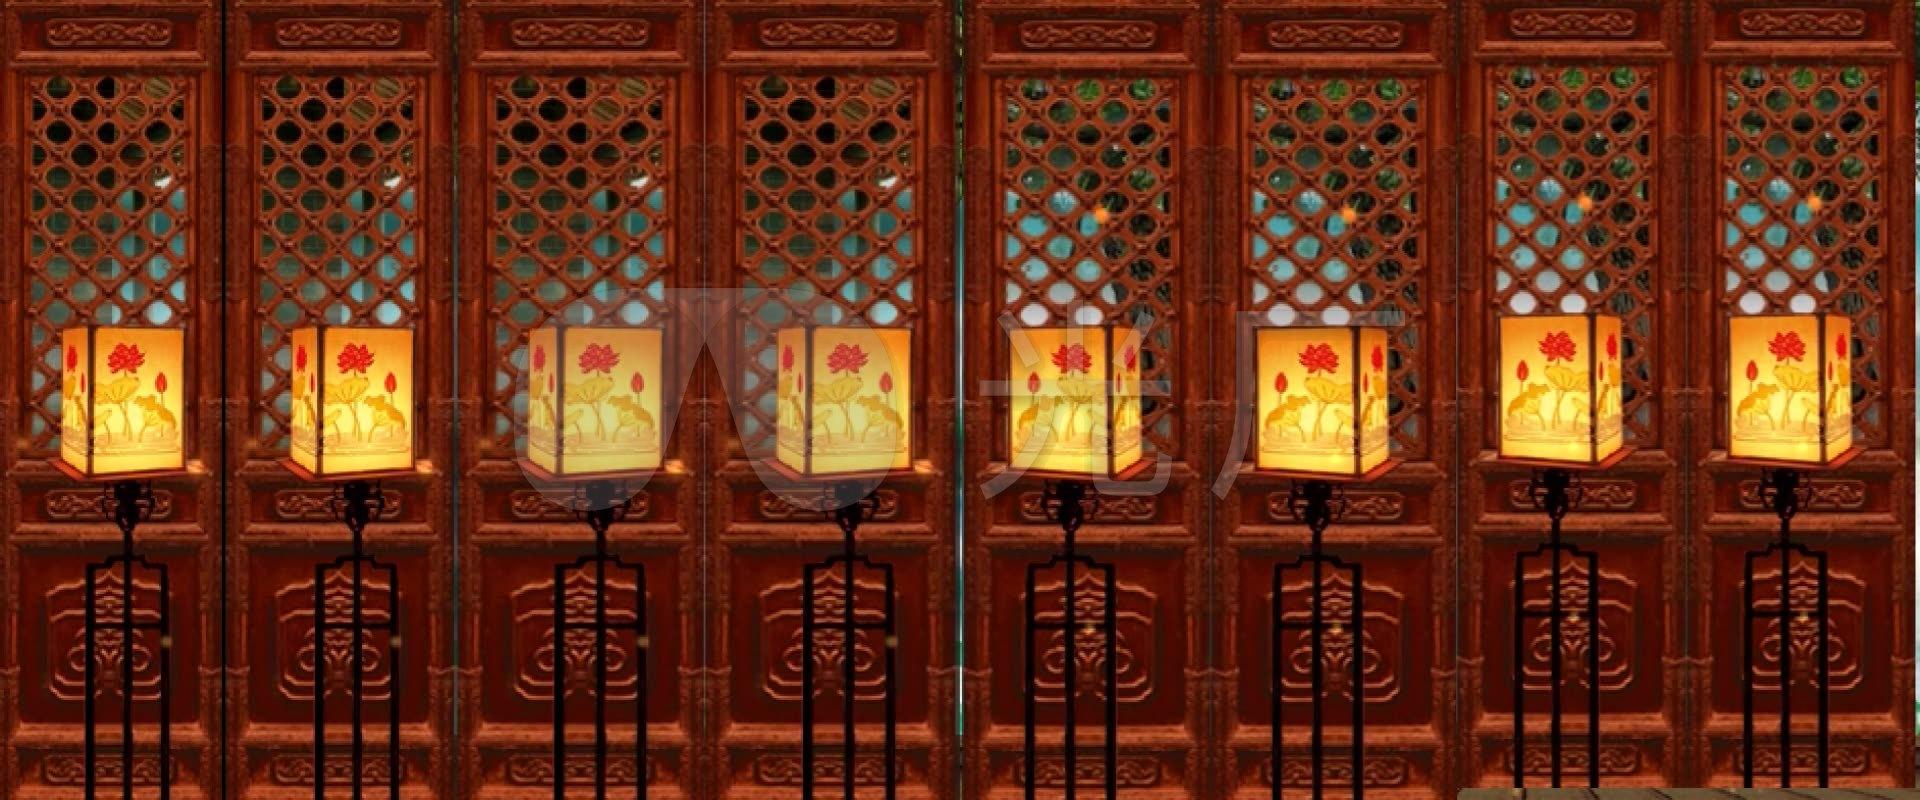 《背景》v背景古典离骚门窗_1920X800_高清视发视频馍馍图片